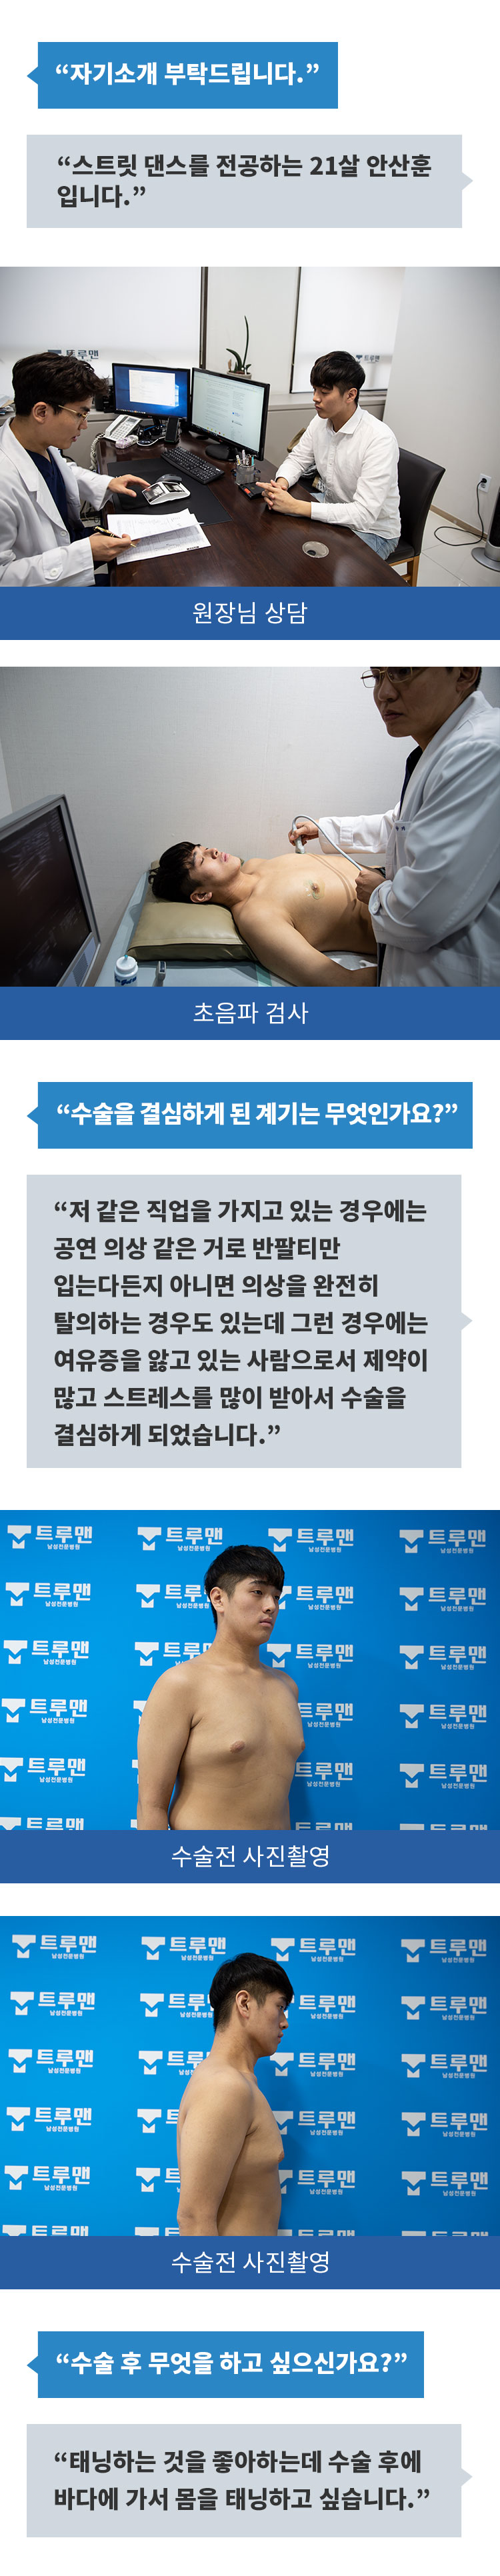 21살 안산훈입니다.